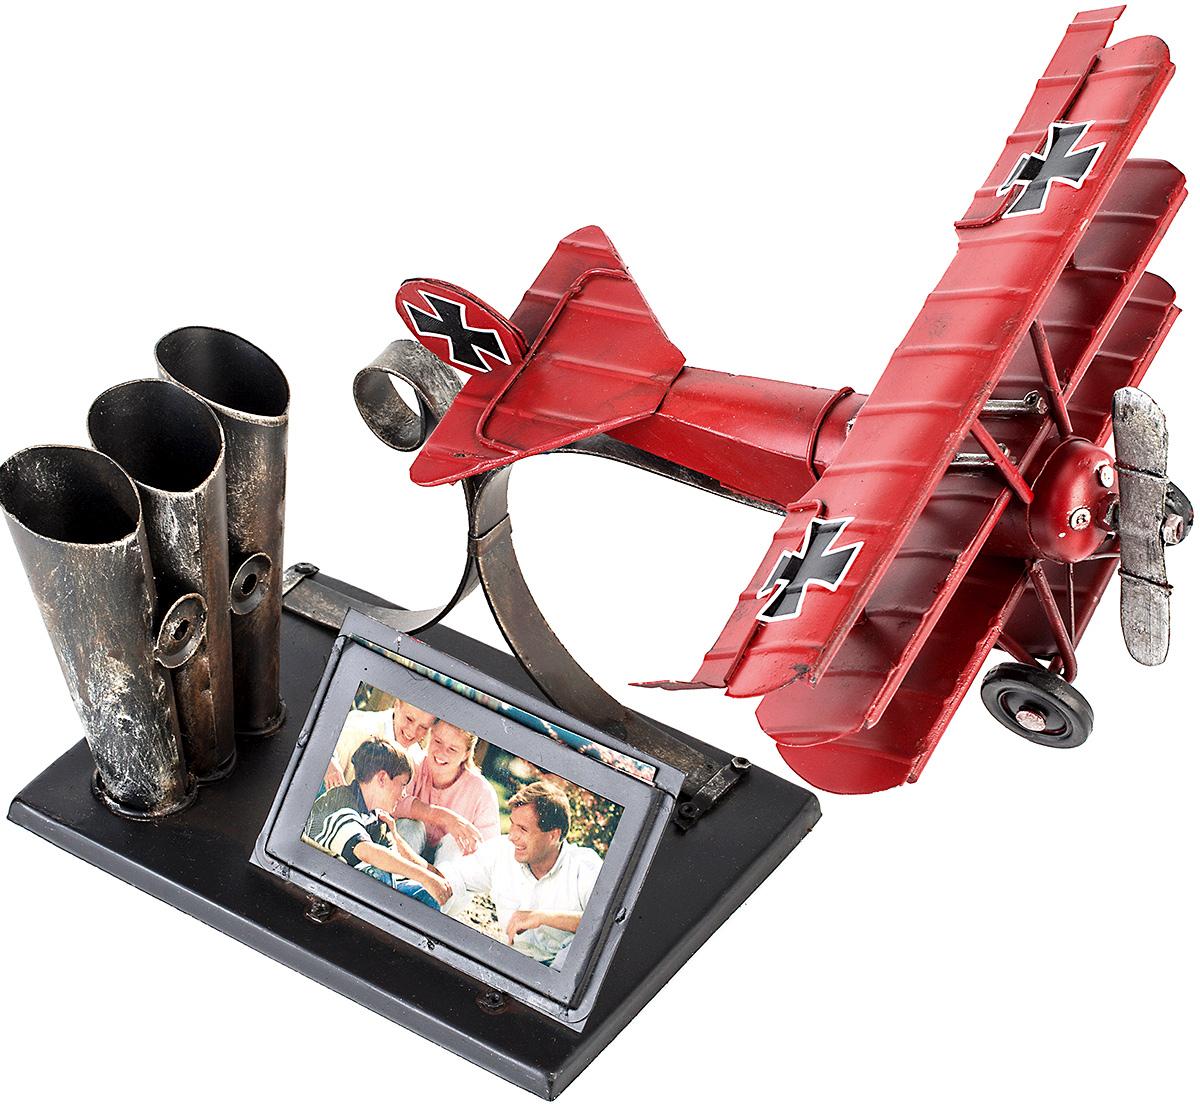 Фоторамка Platinum Самолет, с подставкой для ручек, 5 х 7 см1404E-4467Фоторамка Platinum Самолет, выполненная из металла, оснащена подставкой для ручек и карандашей. Такая фоторамка поможет вам оригинально и стильно дополнить интерьер помещения, а также позволит сохранить память о дорогих вам людях и интересных событиях вашей жизни. Подходит для фотографии размером: 5 х 7 см.